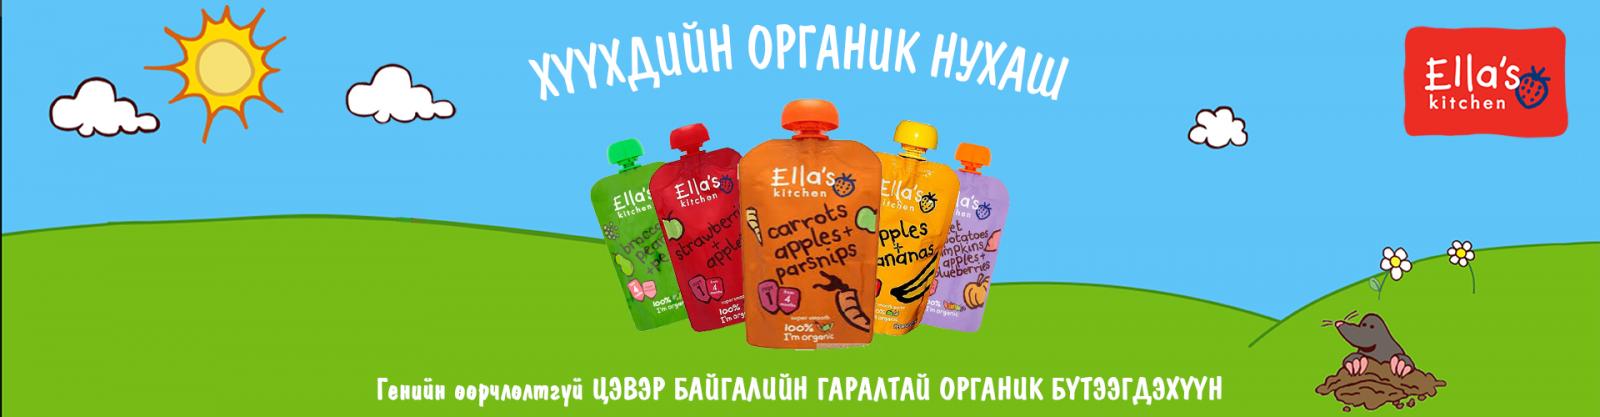 Ella's Kitchen брэндийн хүүхдийн органик нухаш